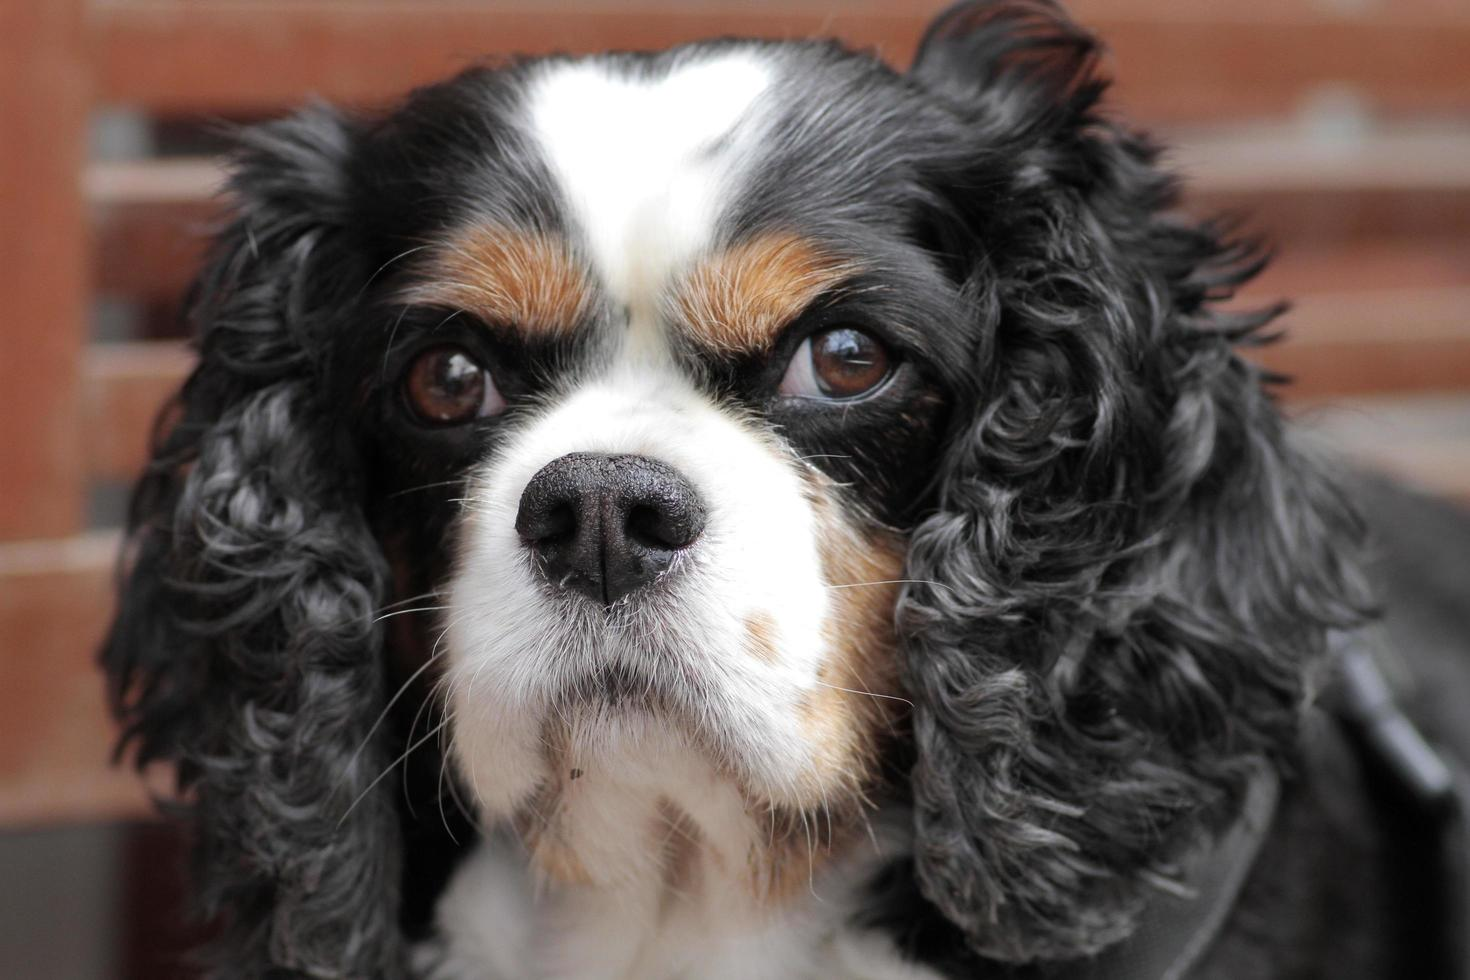 King Charles type à longues oreilles, chien domestique apprivoisé photo